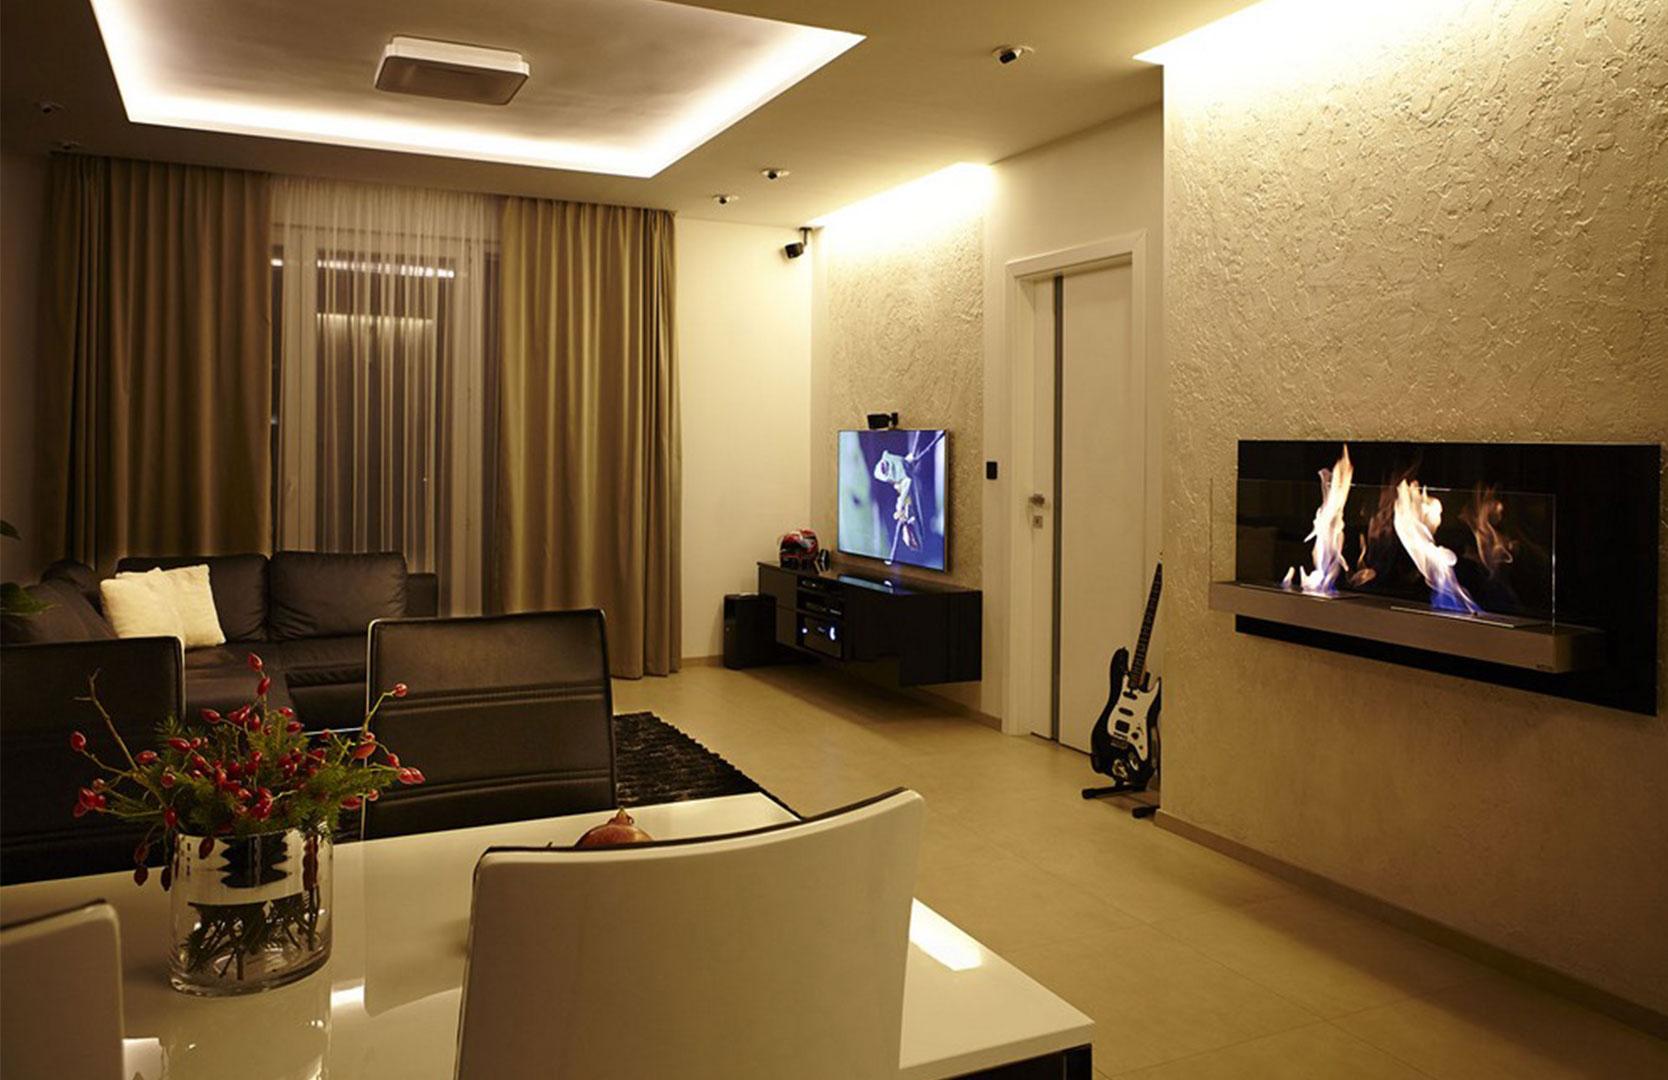 Best-2014-Interior-Design-Ideas